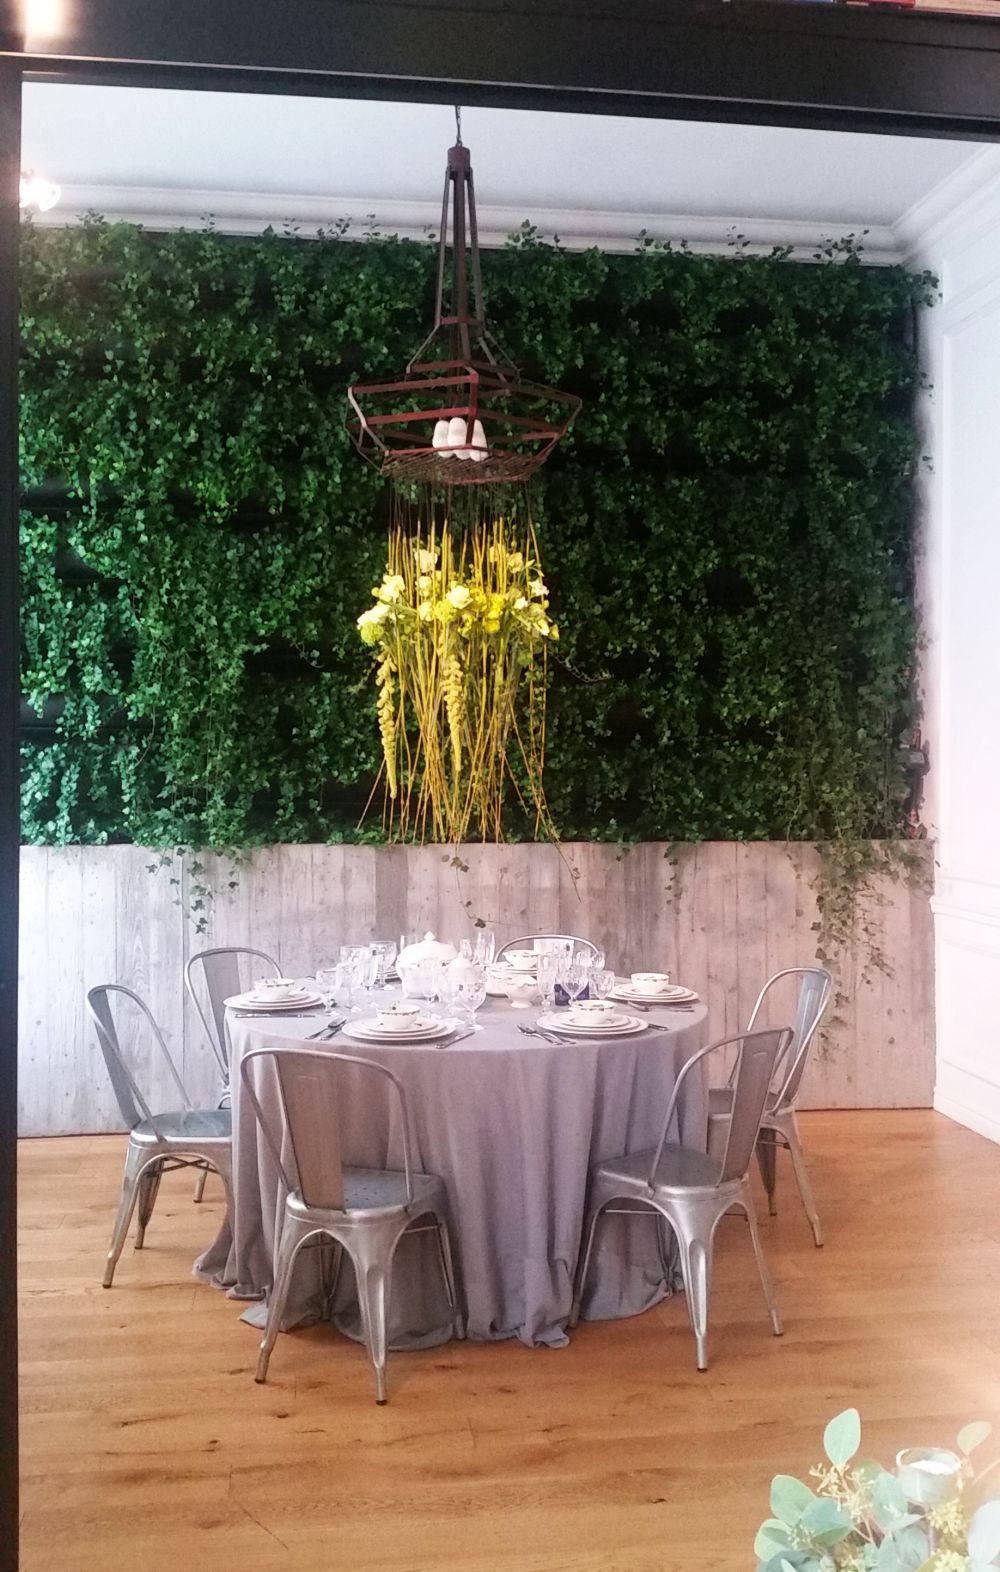 adelaparvu-com-despre-the-wedding-gallery-2016-floraria-iris-design-nicu-bocancea-52